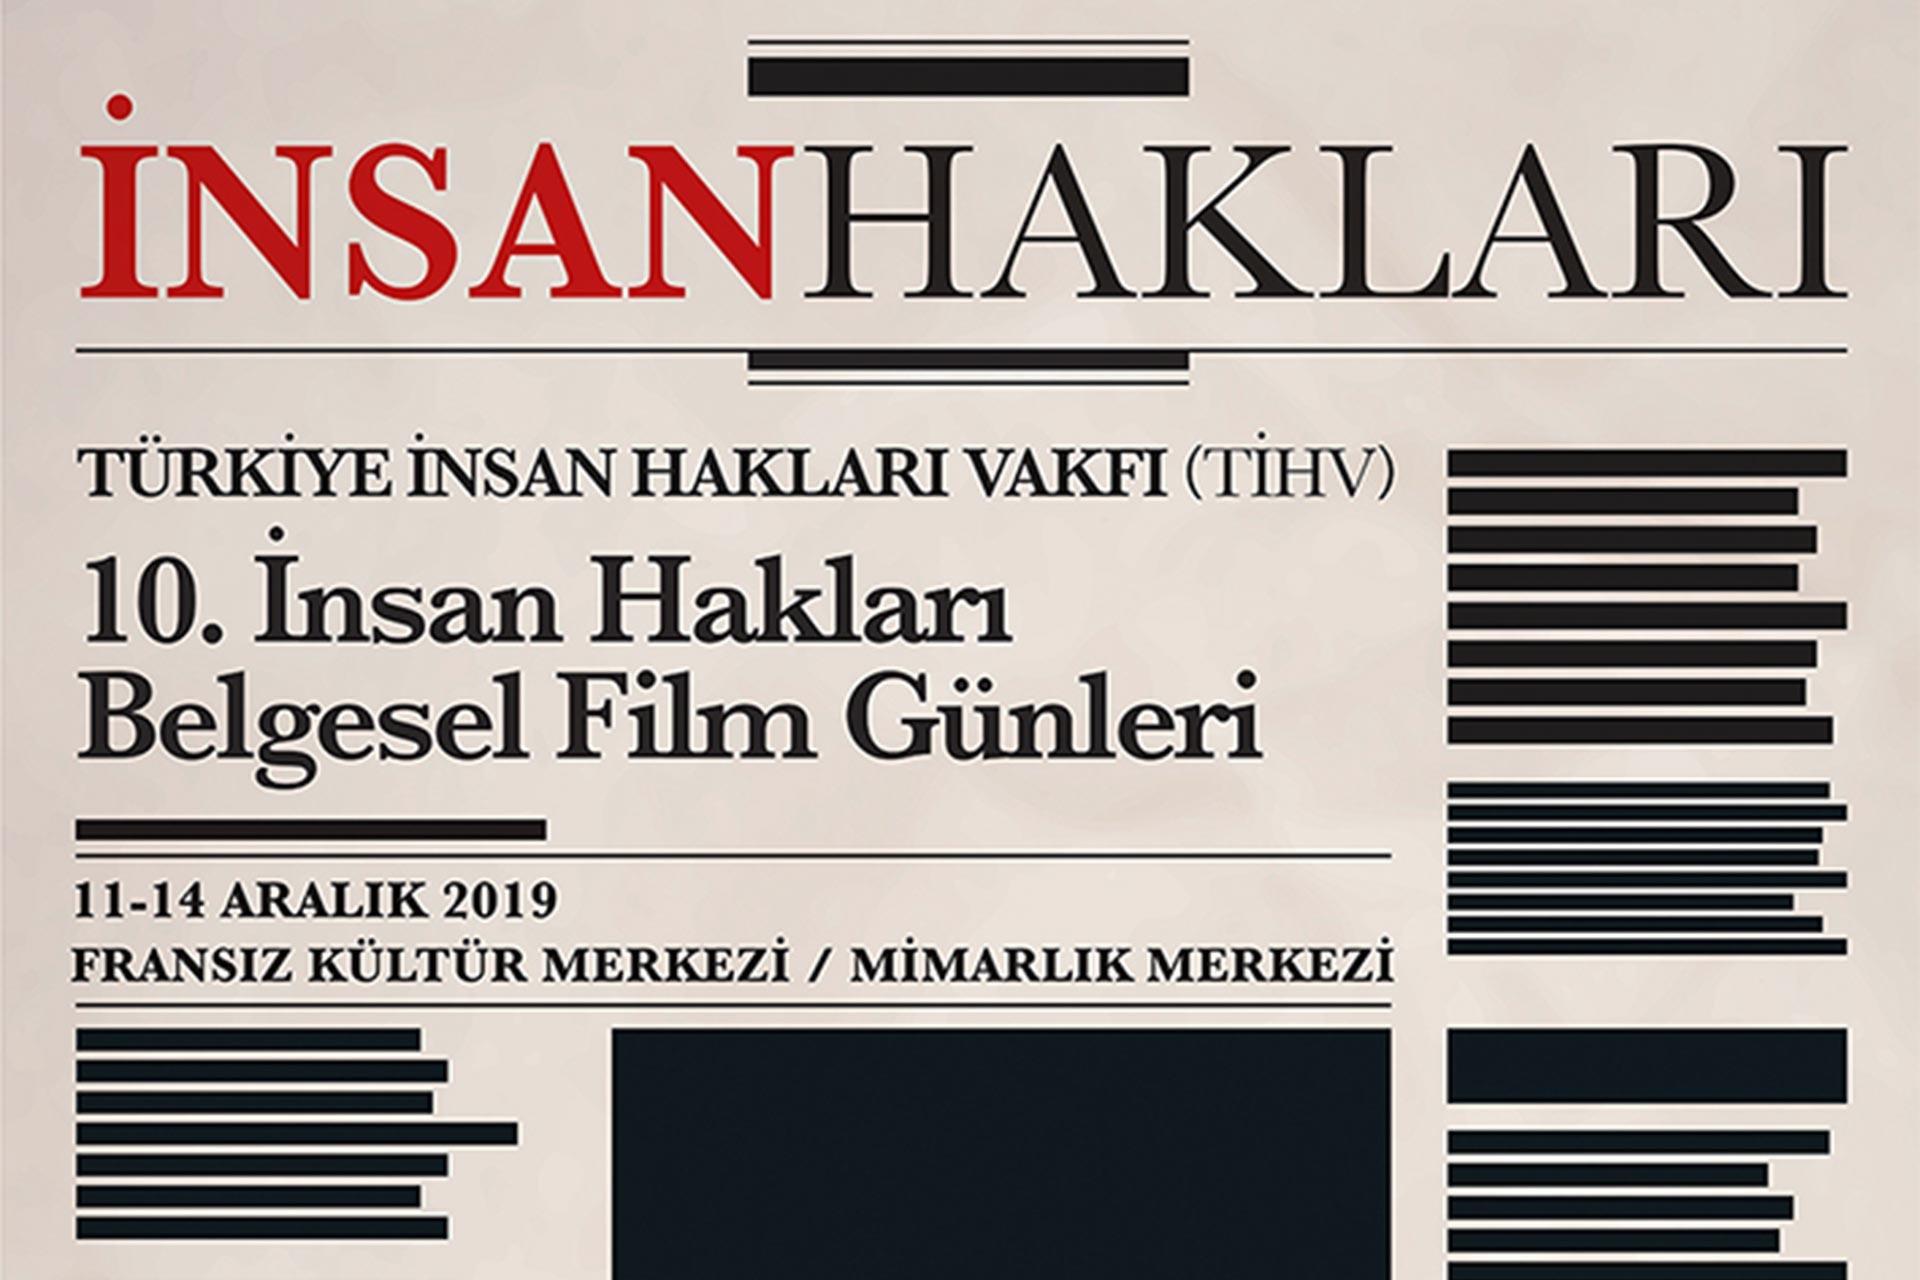 Gazete sayfası şeklinde tasarlanmış 10. İnsan Hakları Belgesel Film Günleri afişi